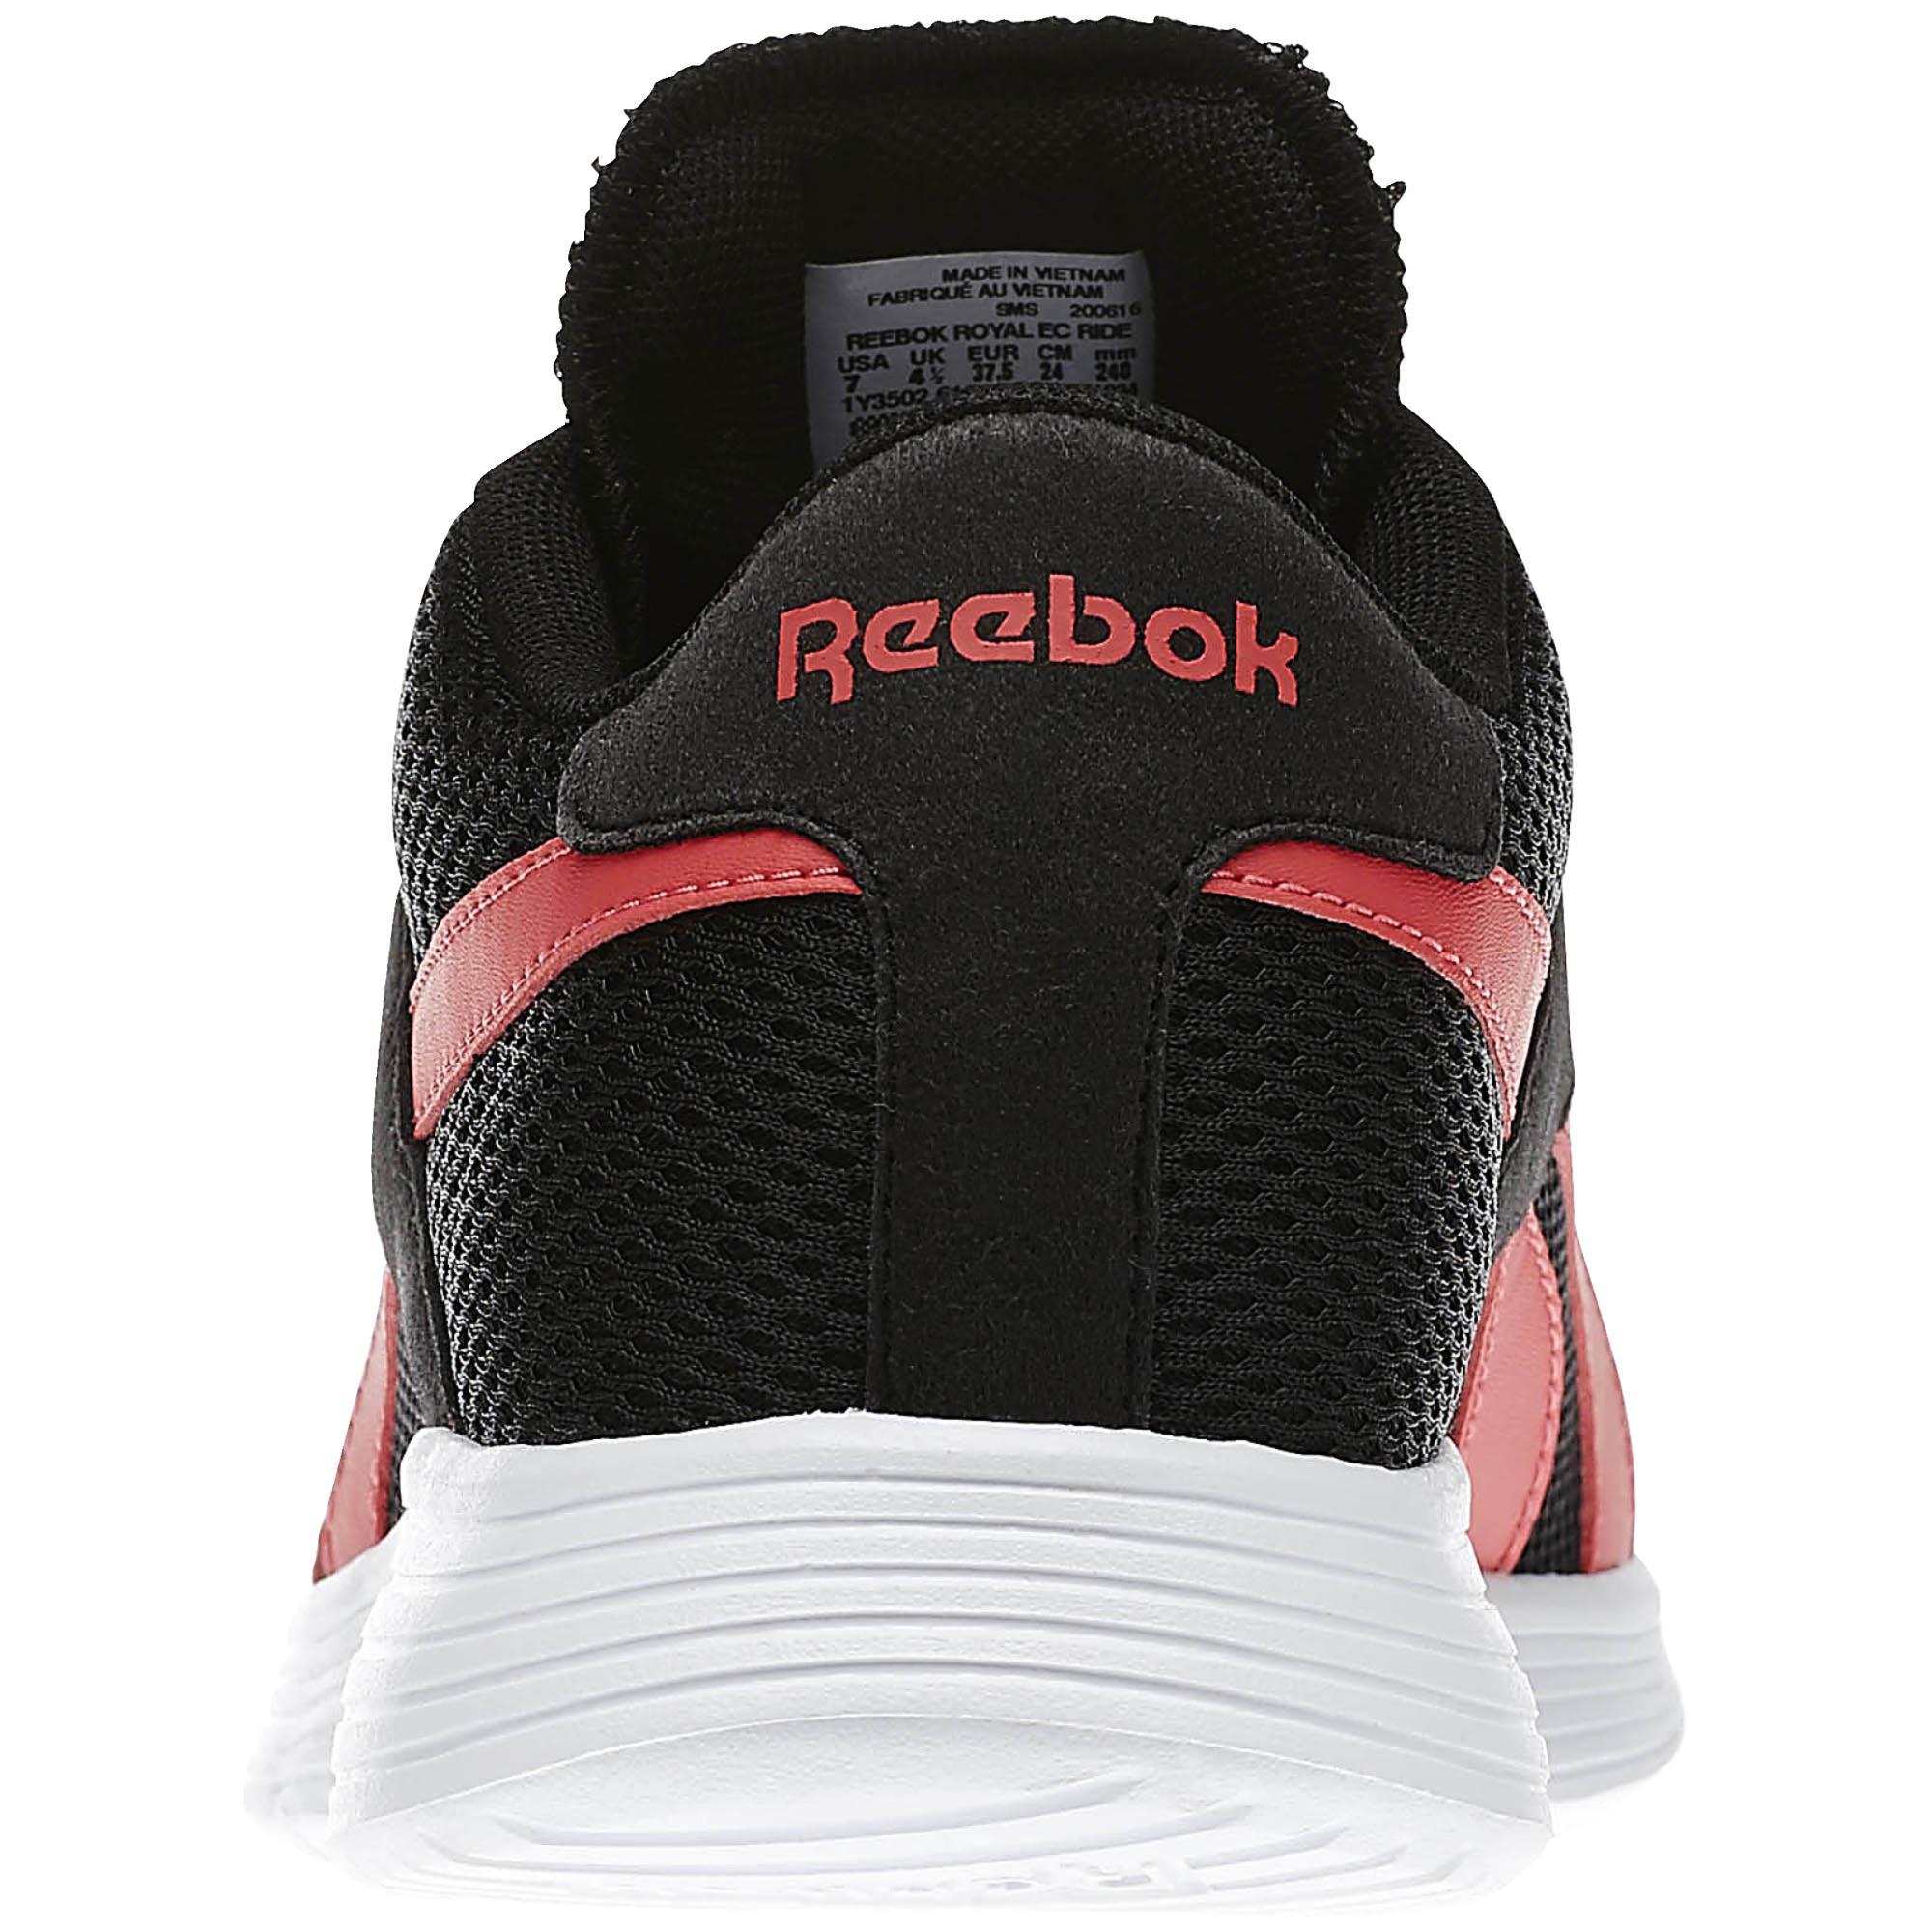 2221e68bb5362 ... Reebok Royal EC Ride Trainers Women (black pink white)